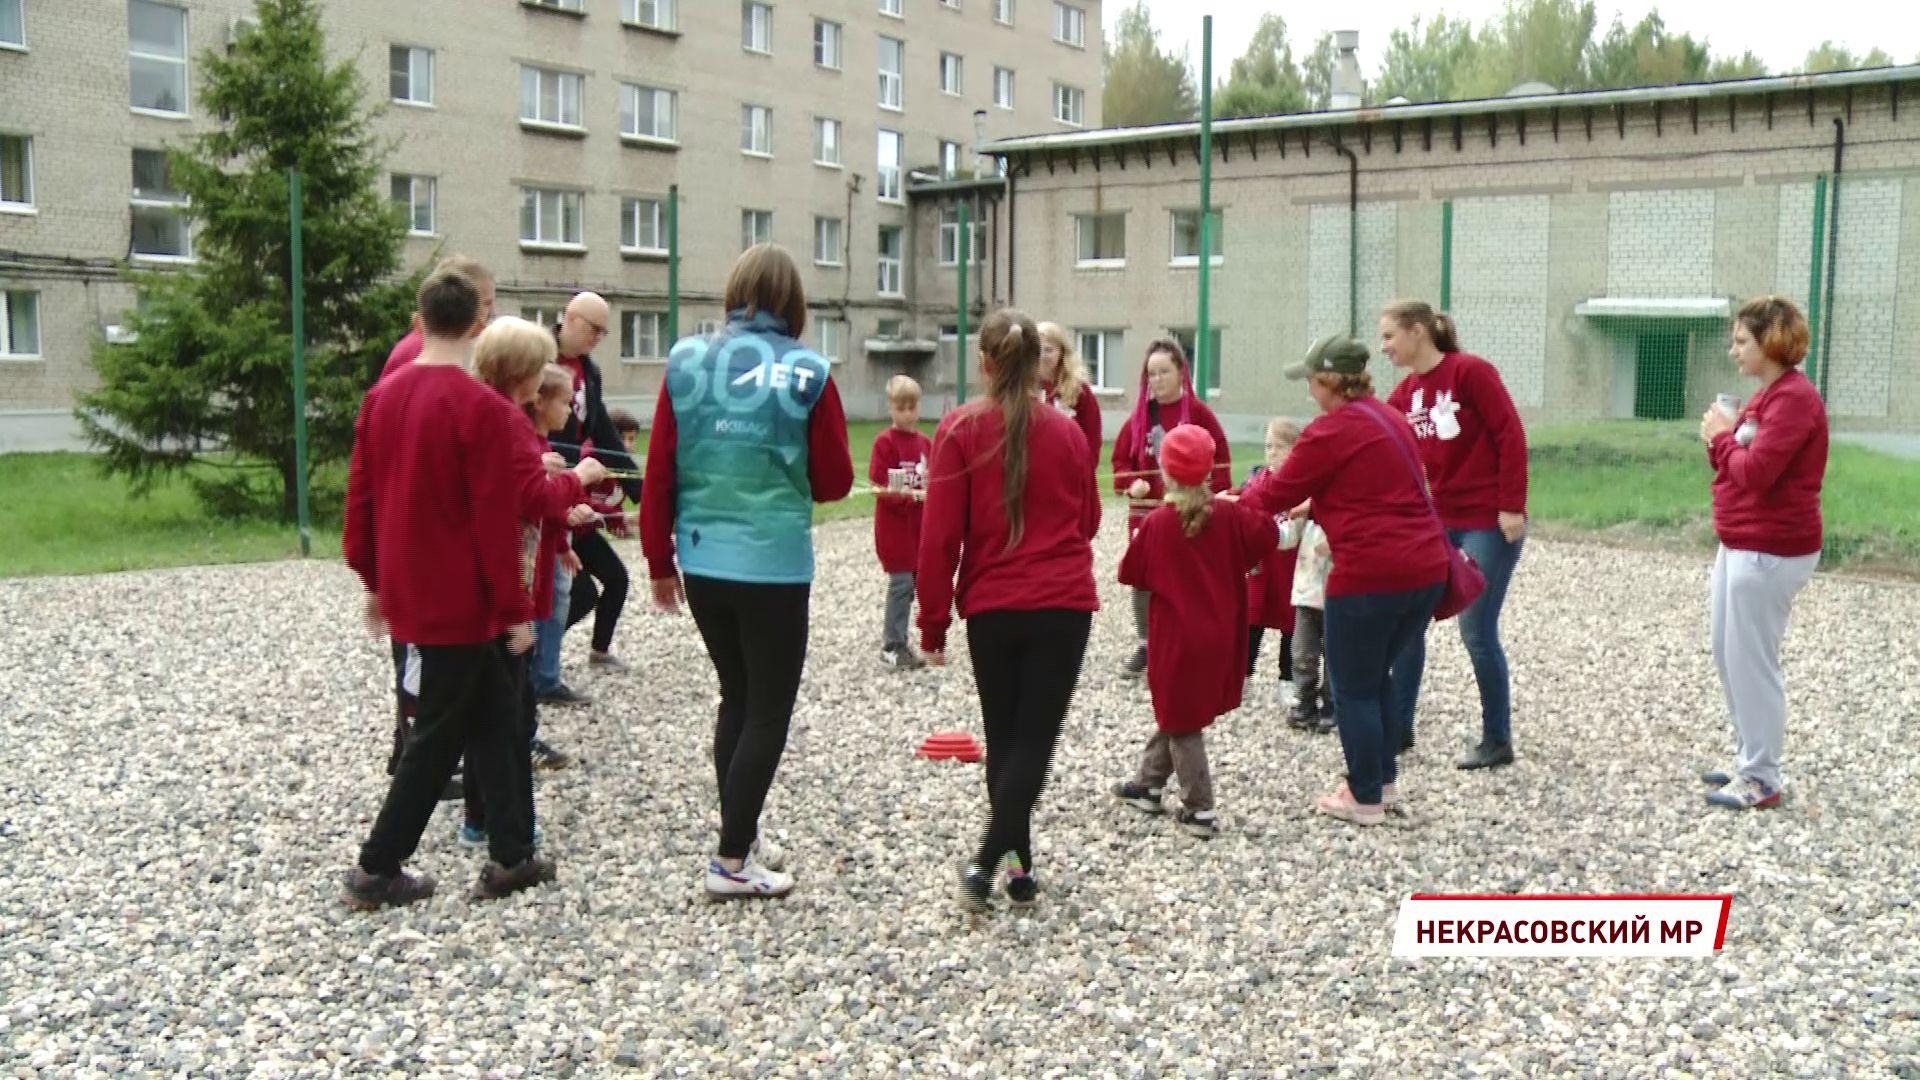 Фестиваль «Фокус» помогает детям с ограниченными возможностями чувствовать себя наравне со всеми